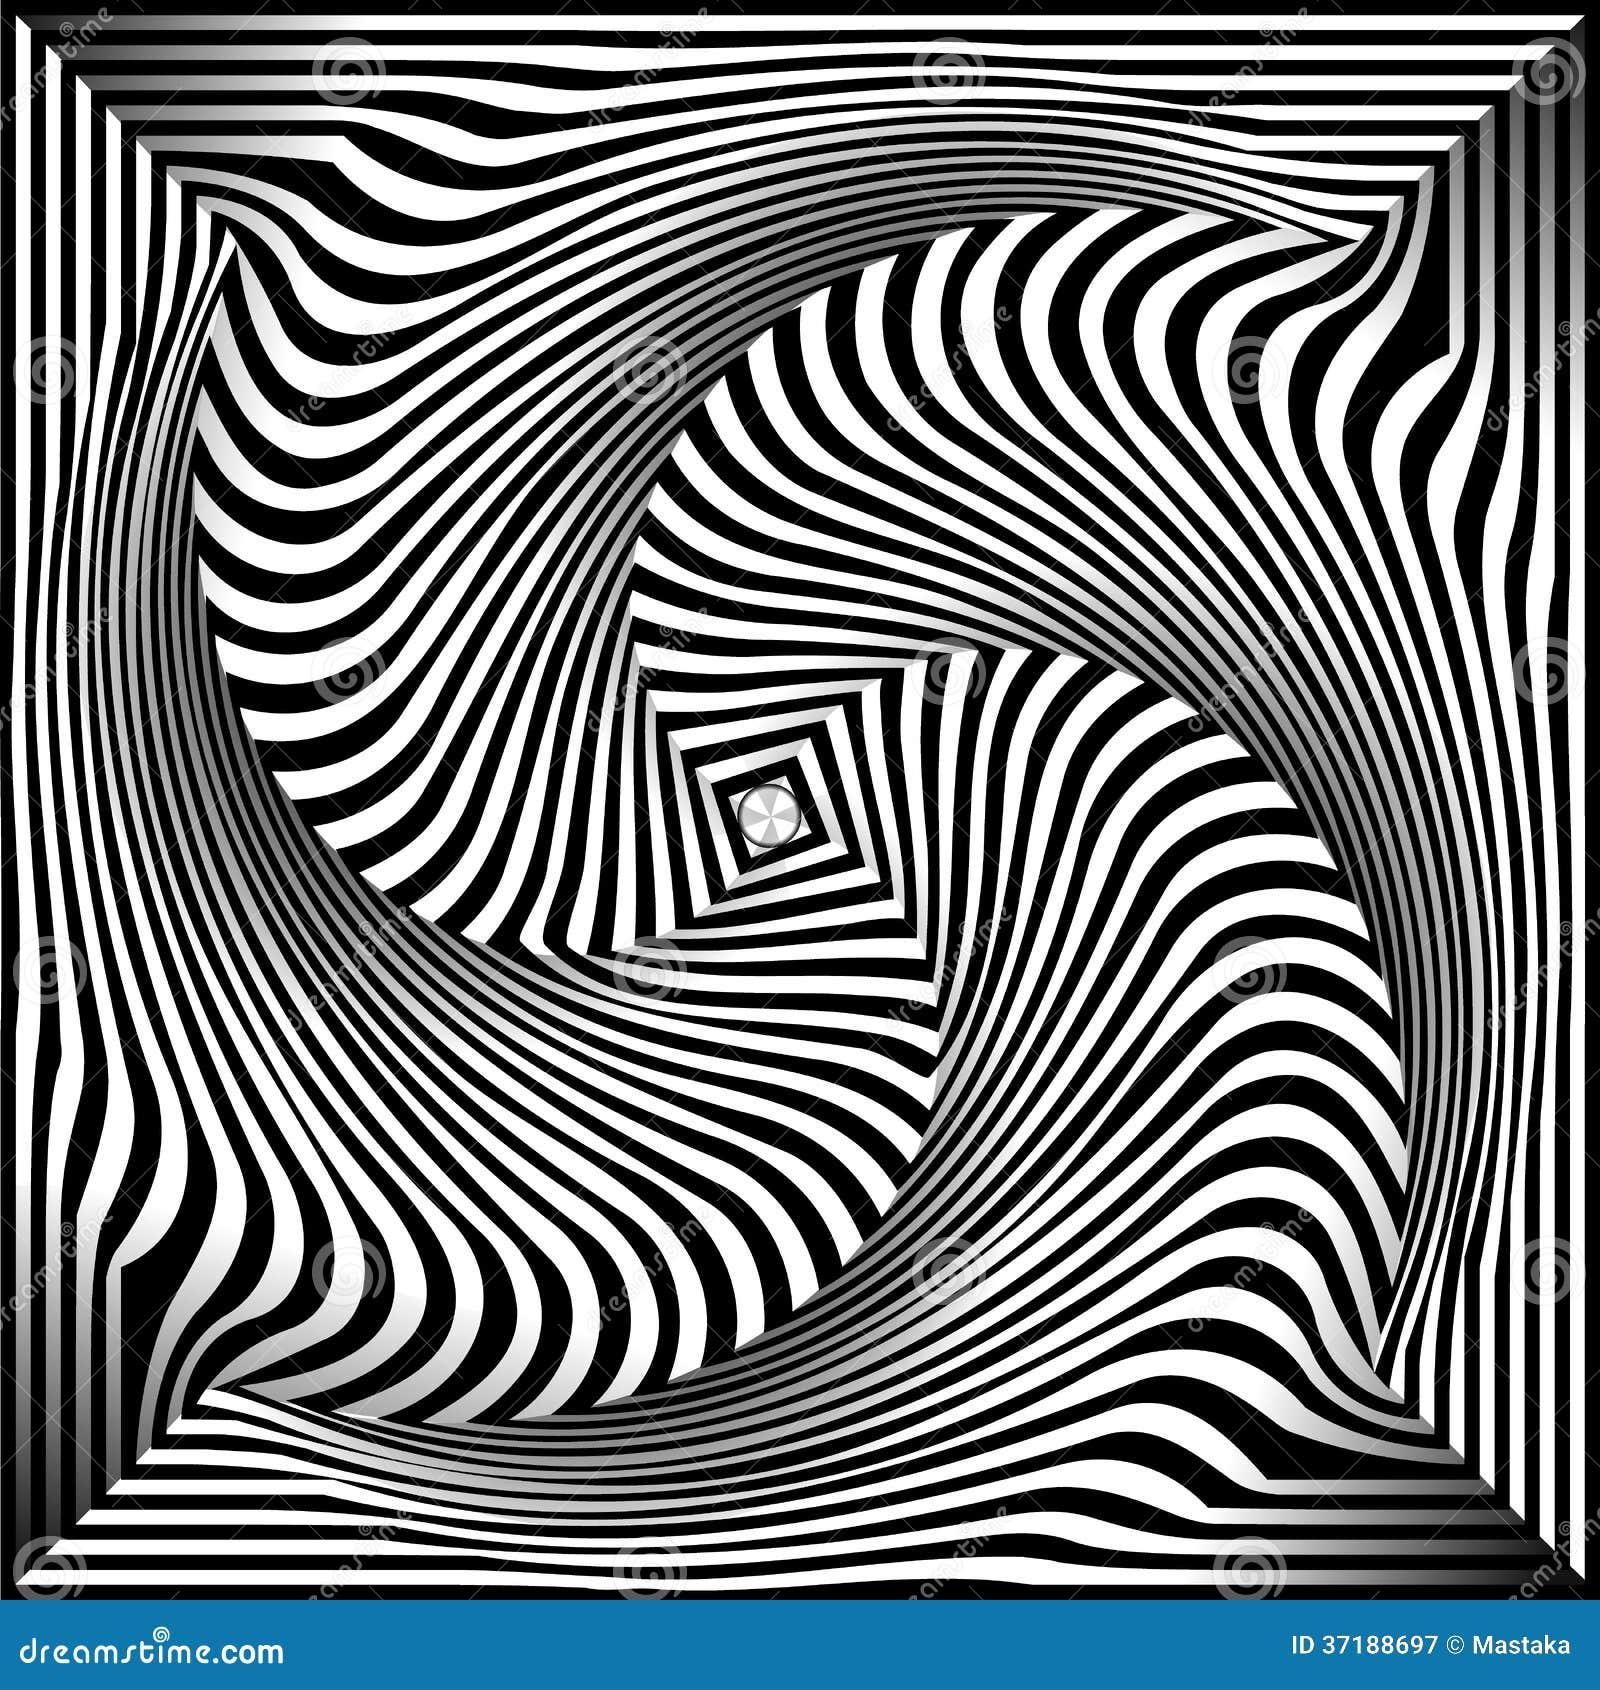 Uitzonderlijk Zwart-wit Opteer Art Background Vector Illustratie - Illustratie @VZ04